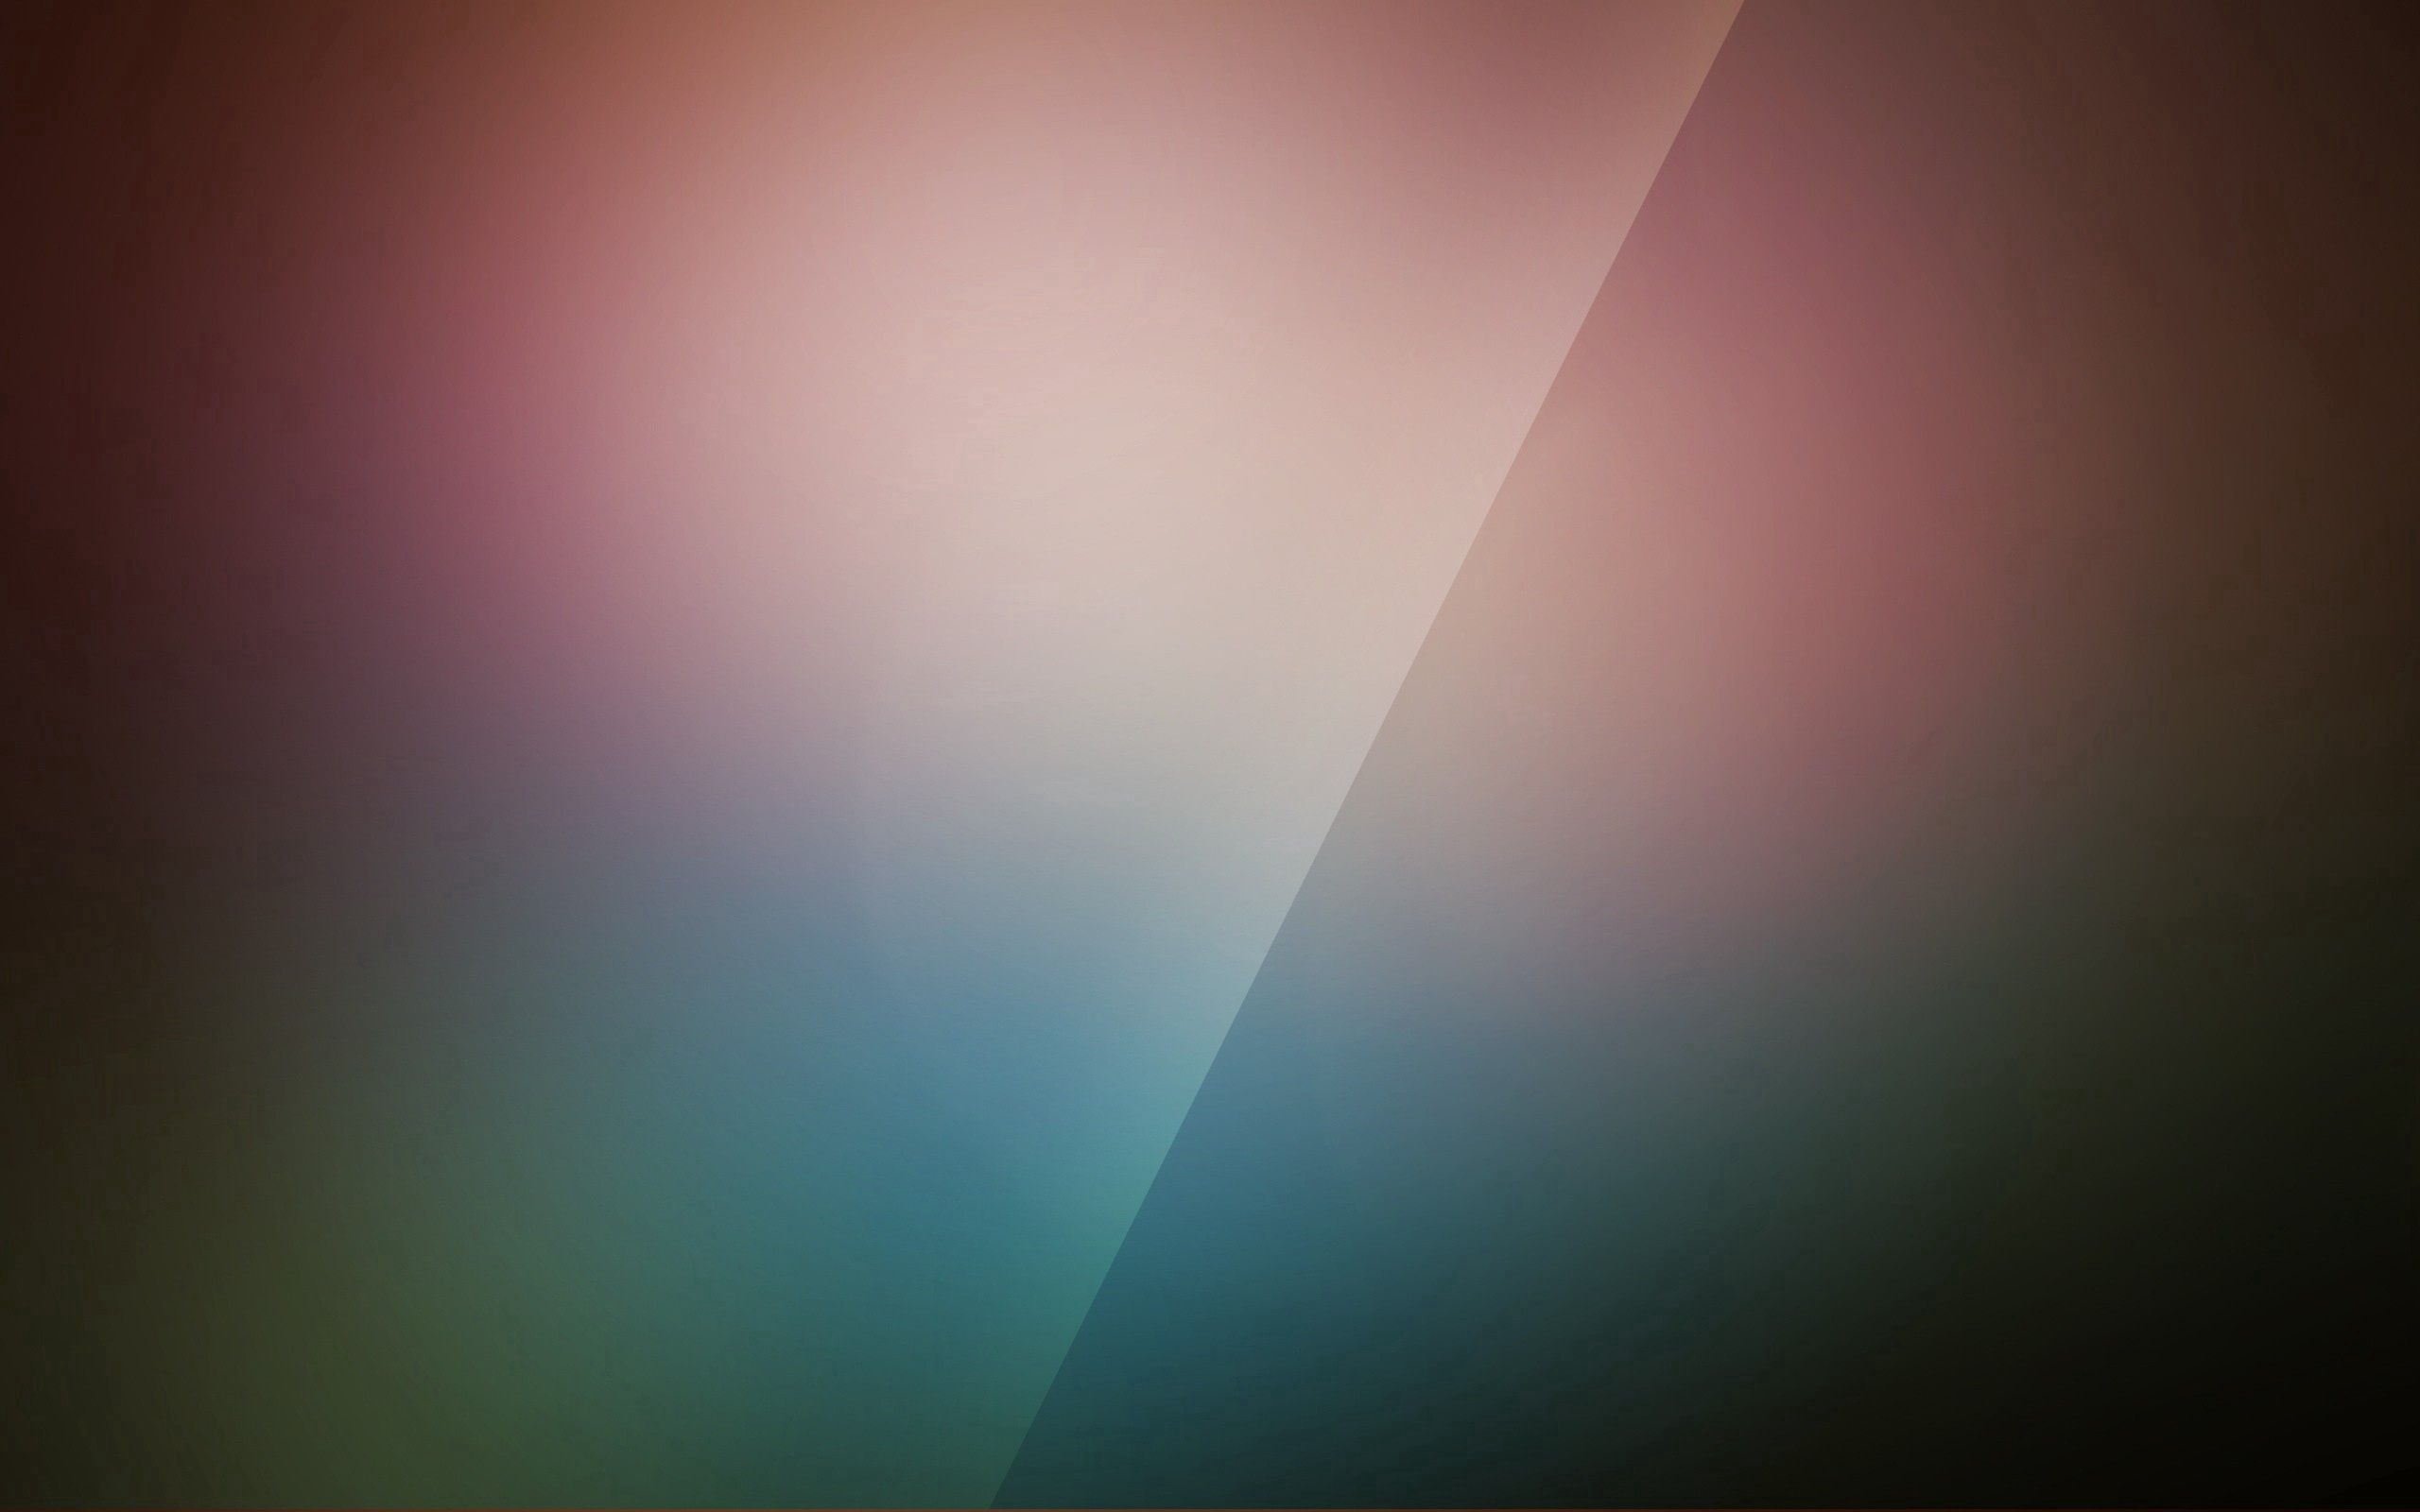 130213 fond d'écran 720x1280 sur votre téléphone gratuitement, téléchargez des images Abstrait, Briller, Lumière, Lignes, Taches 720x1280 sur votre mobile